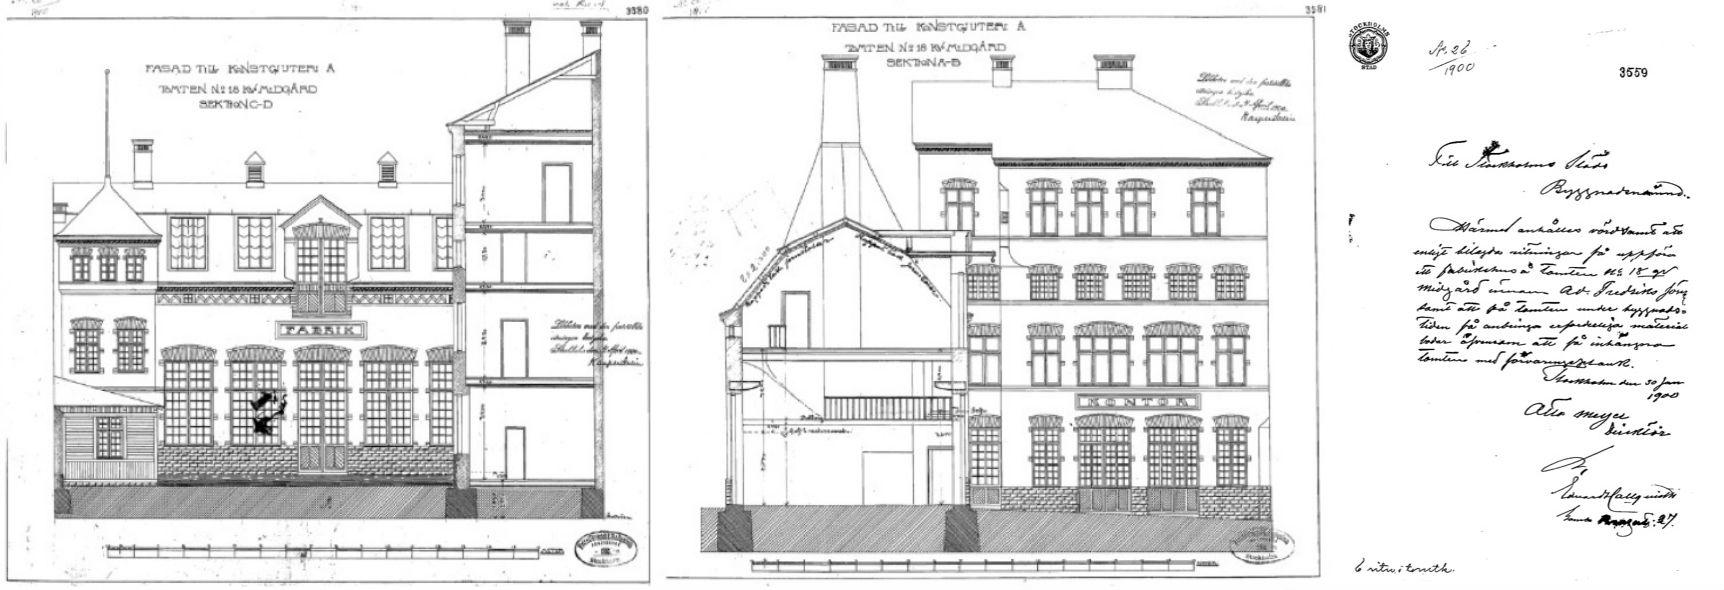 Ursprungliga ritningar och brev för ansökan om bygglov till Byggnadsnämnden år 1900. Dokument hos Teknisk nämndehus.